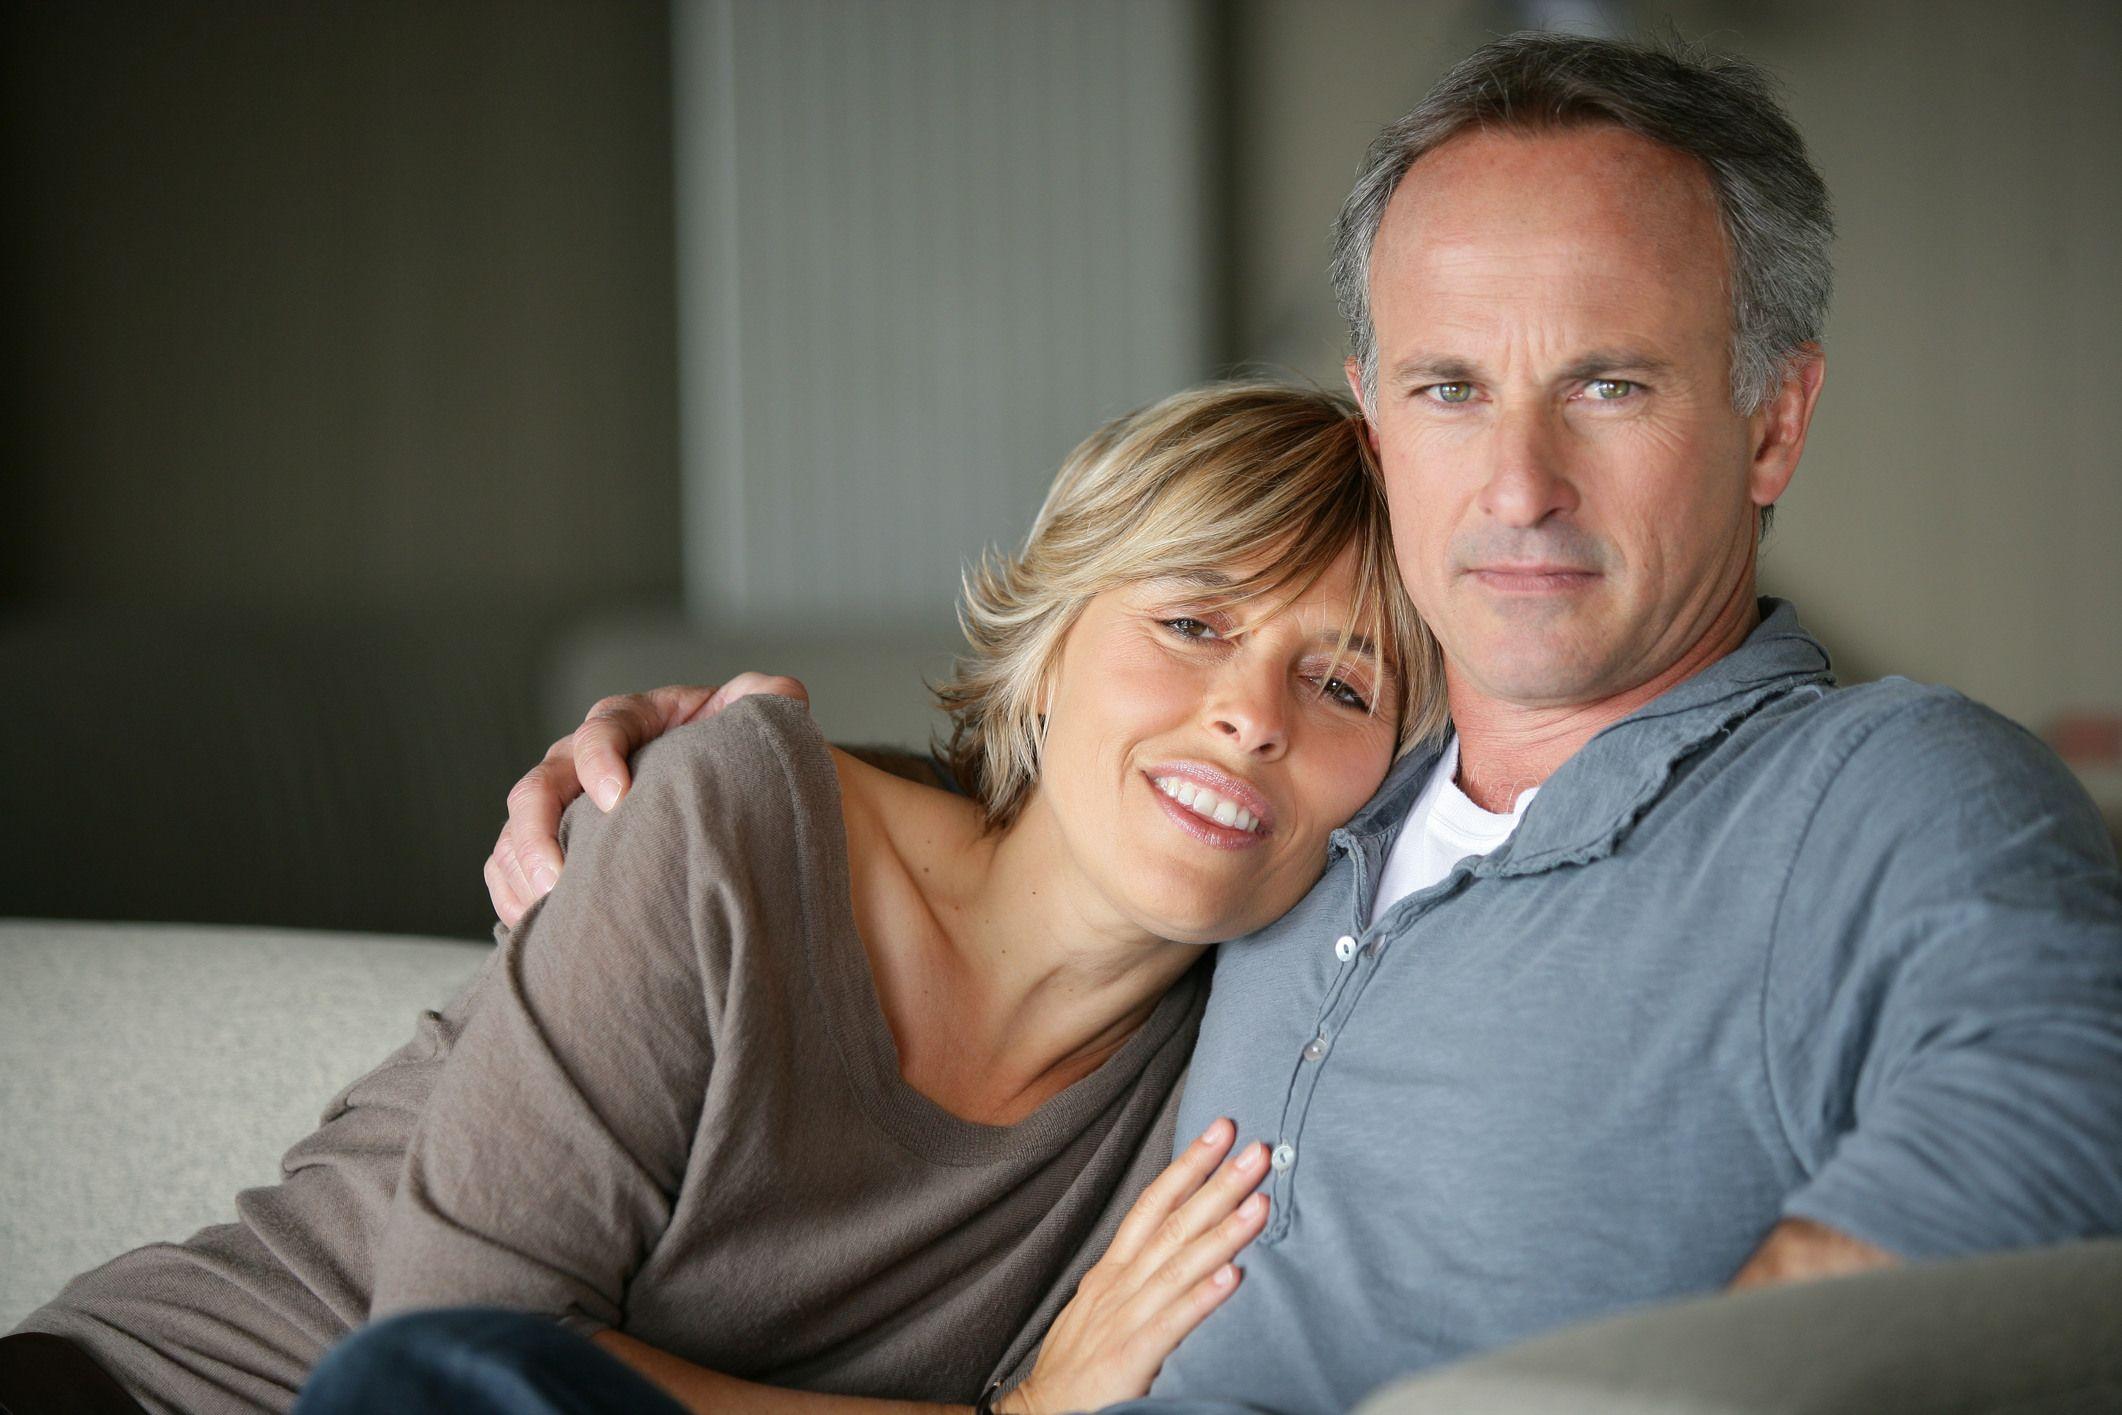 US dla małżonków o różnych adresach zameldowania